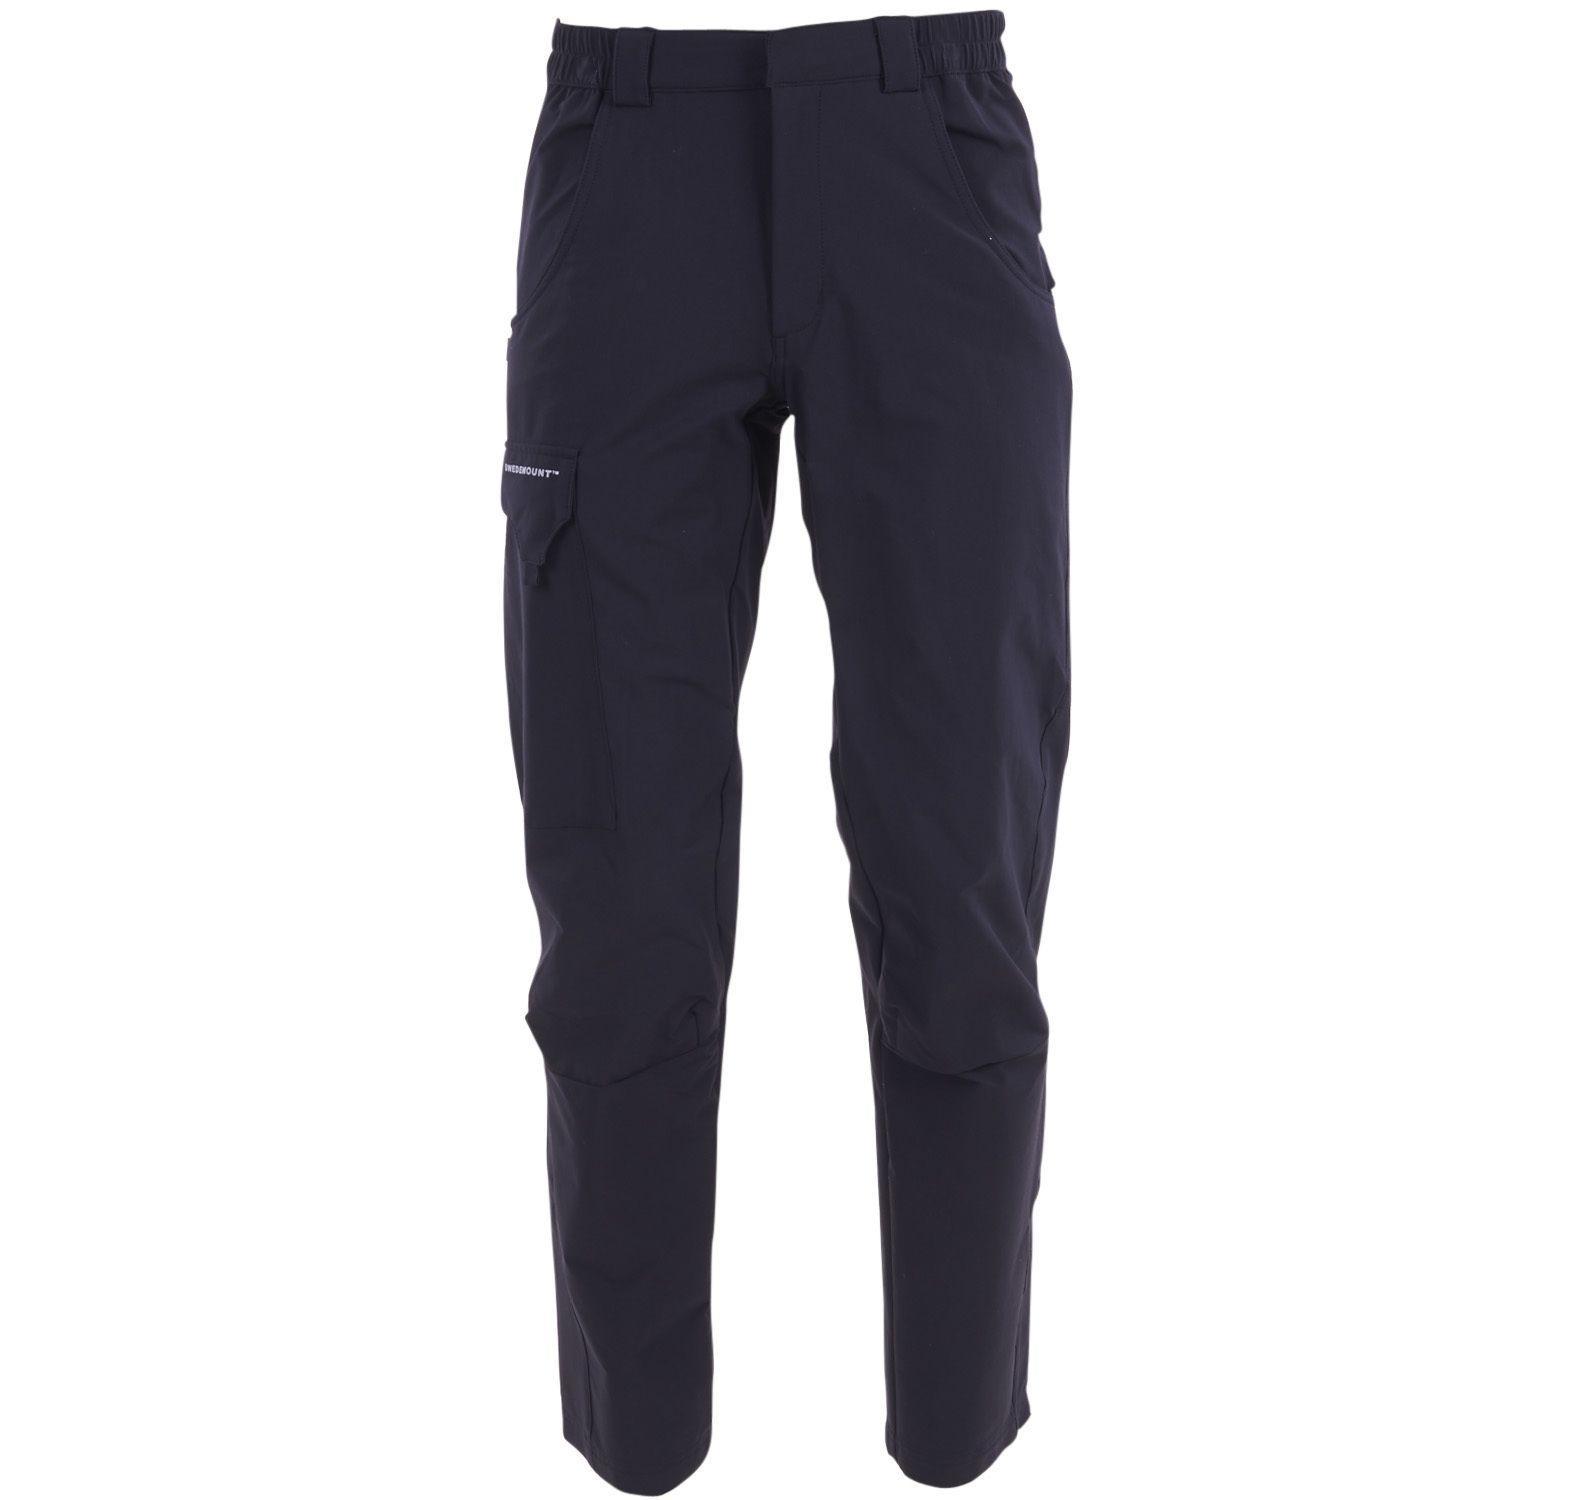 Baffin Pants, BLACK, L